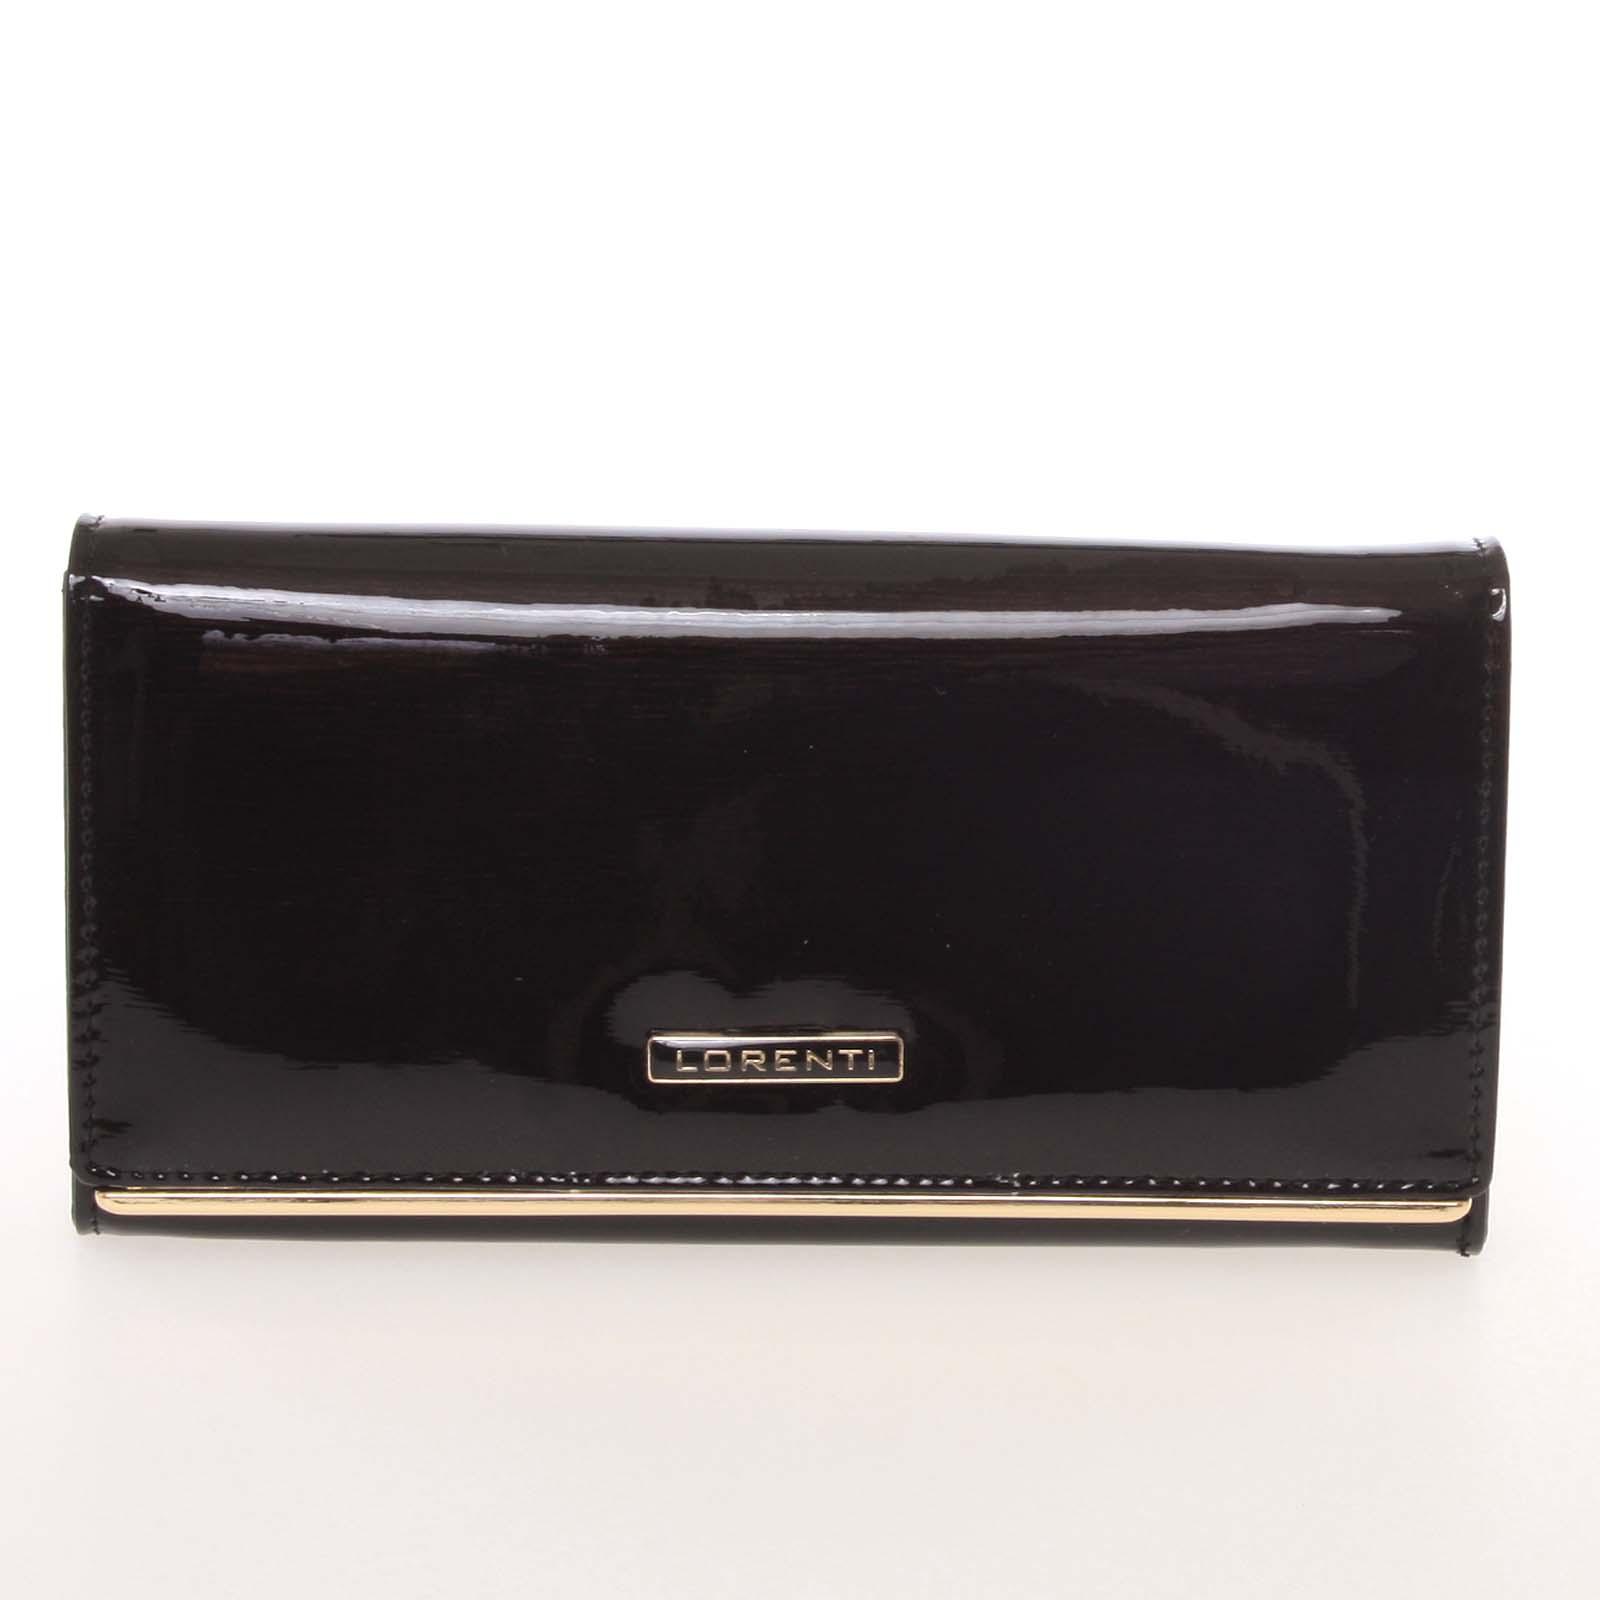 Luxusní lakovaná kožená černá peněženka - Lorenti 64003SH